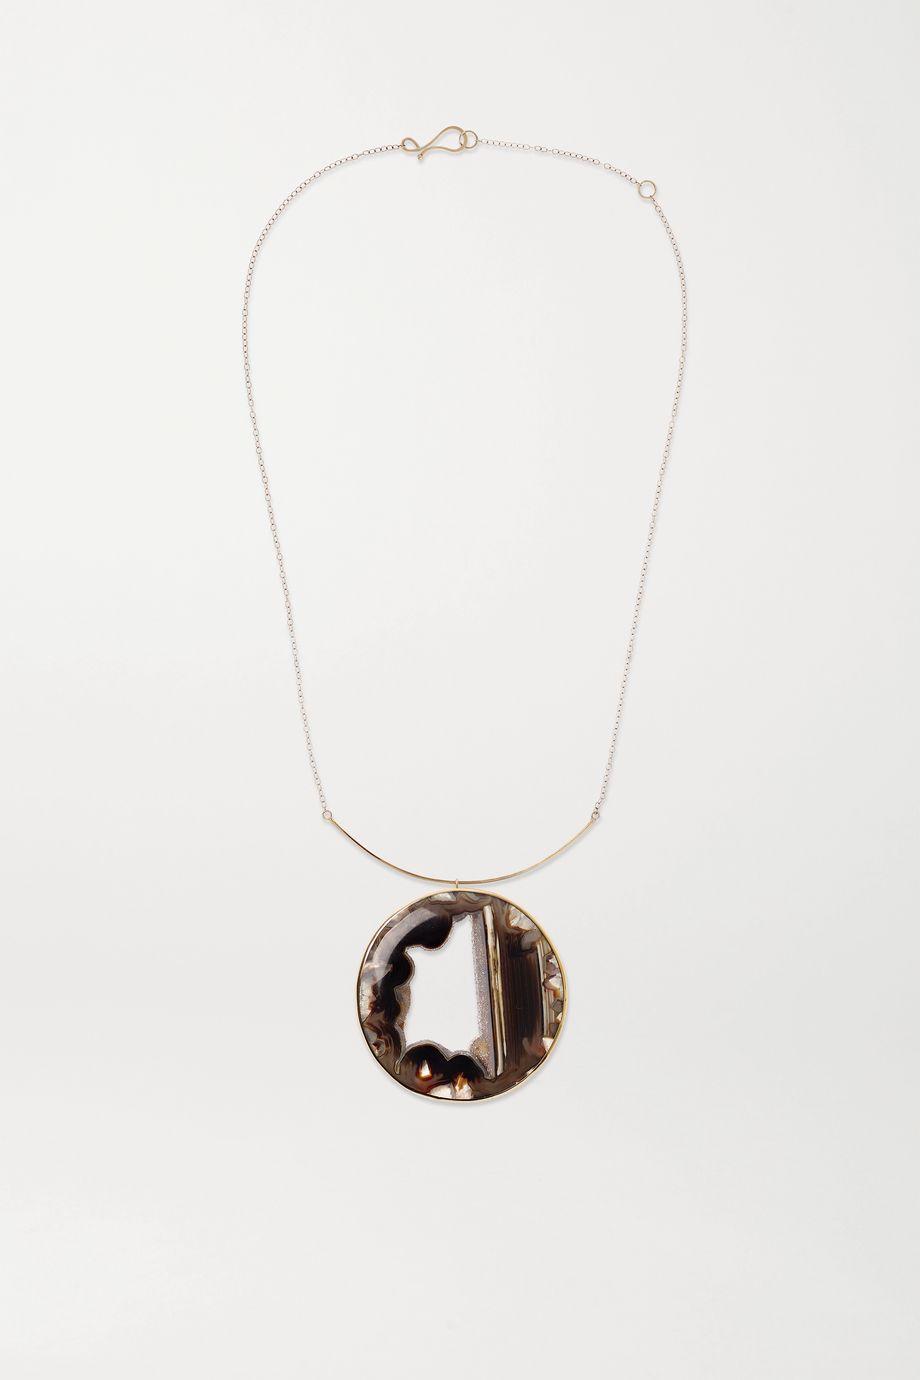 Melissa Joy Manning + NET SUSTAIN 14-karat gold agate necklace